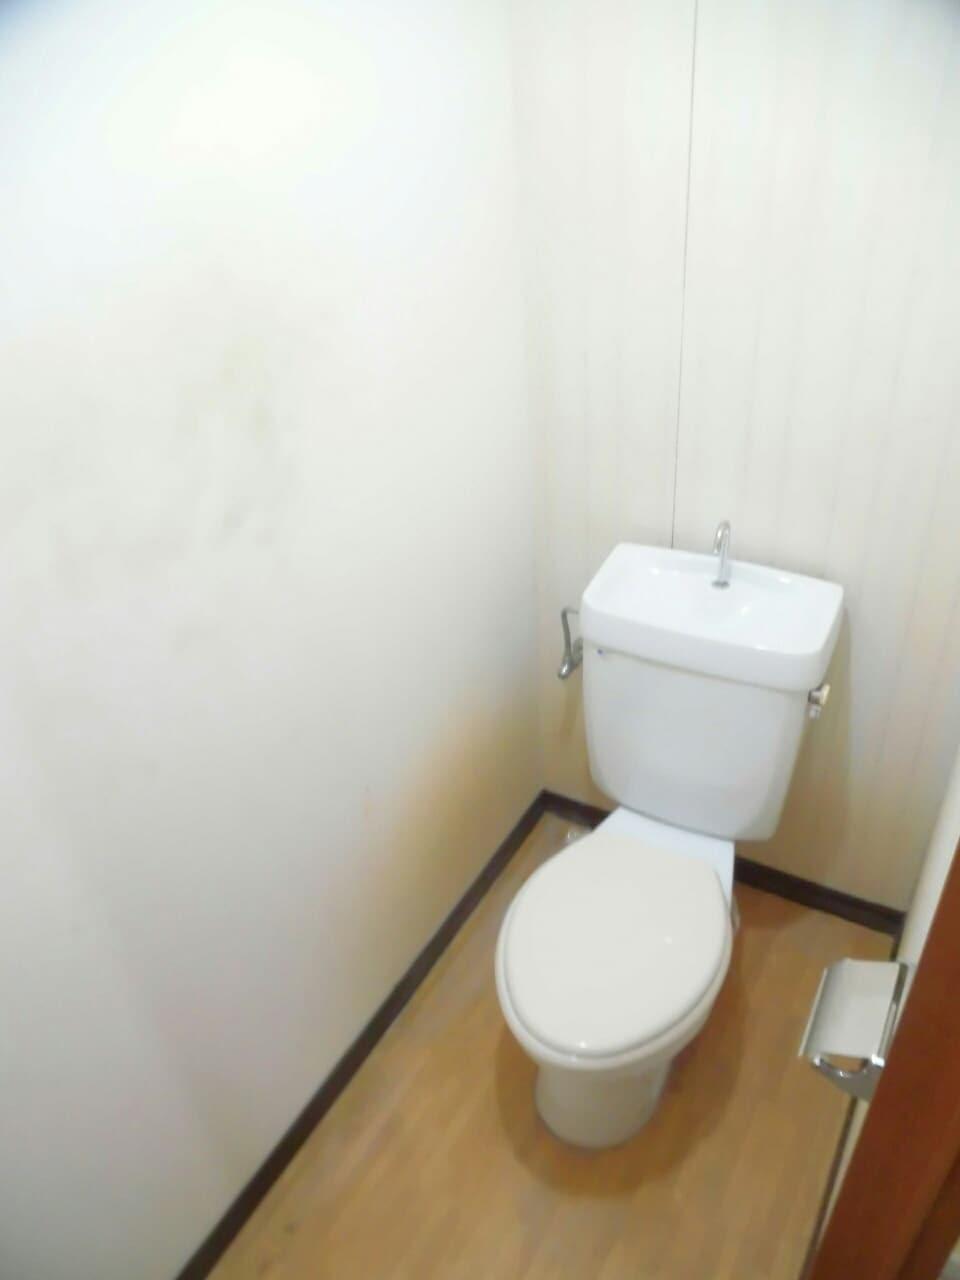 柱アパート 02010号室のトイレ